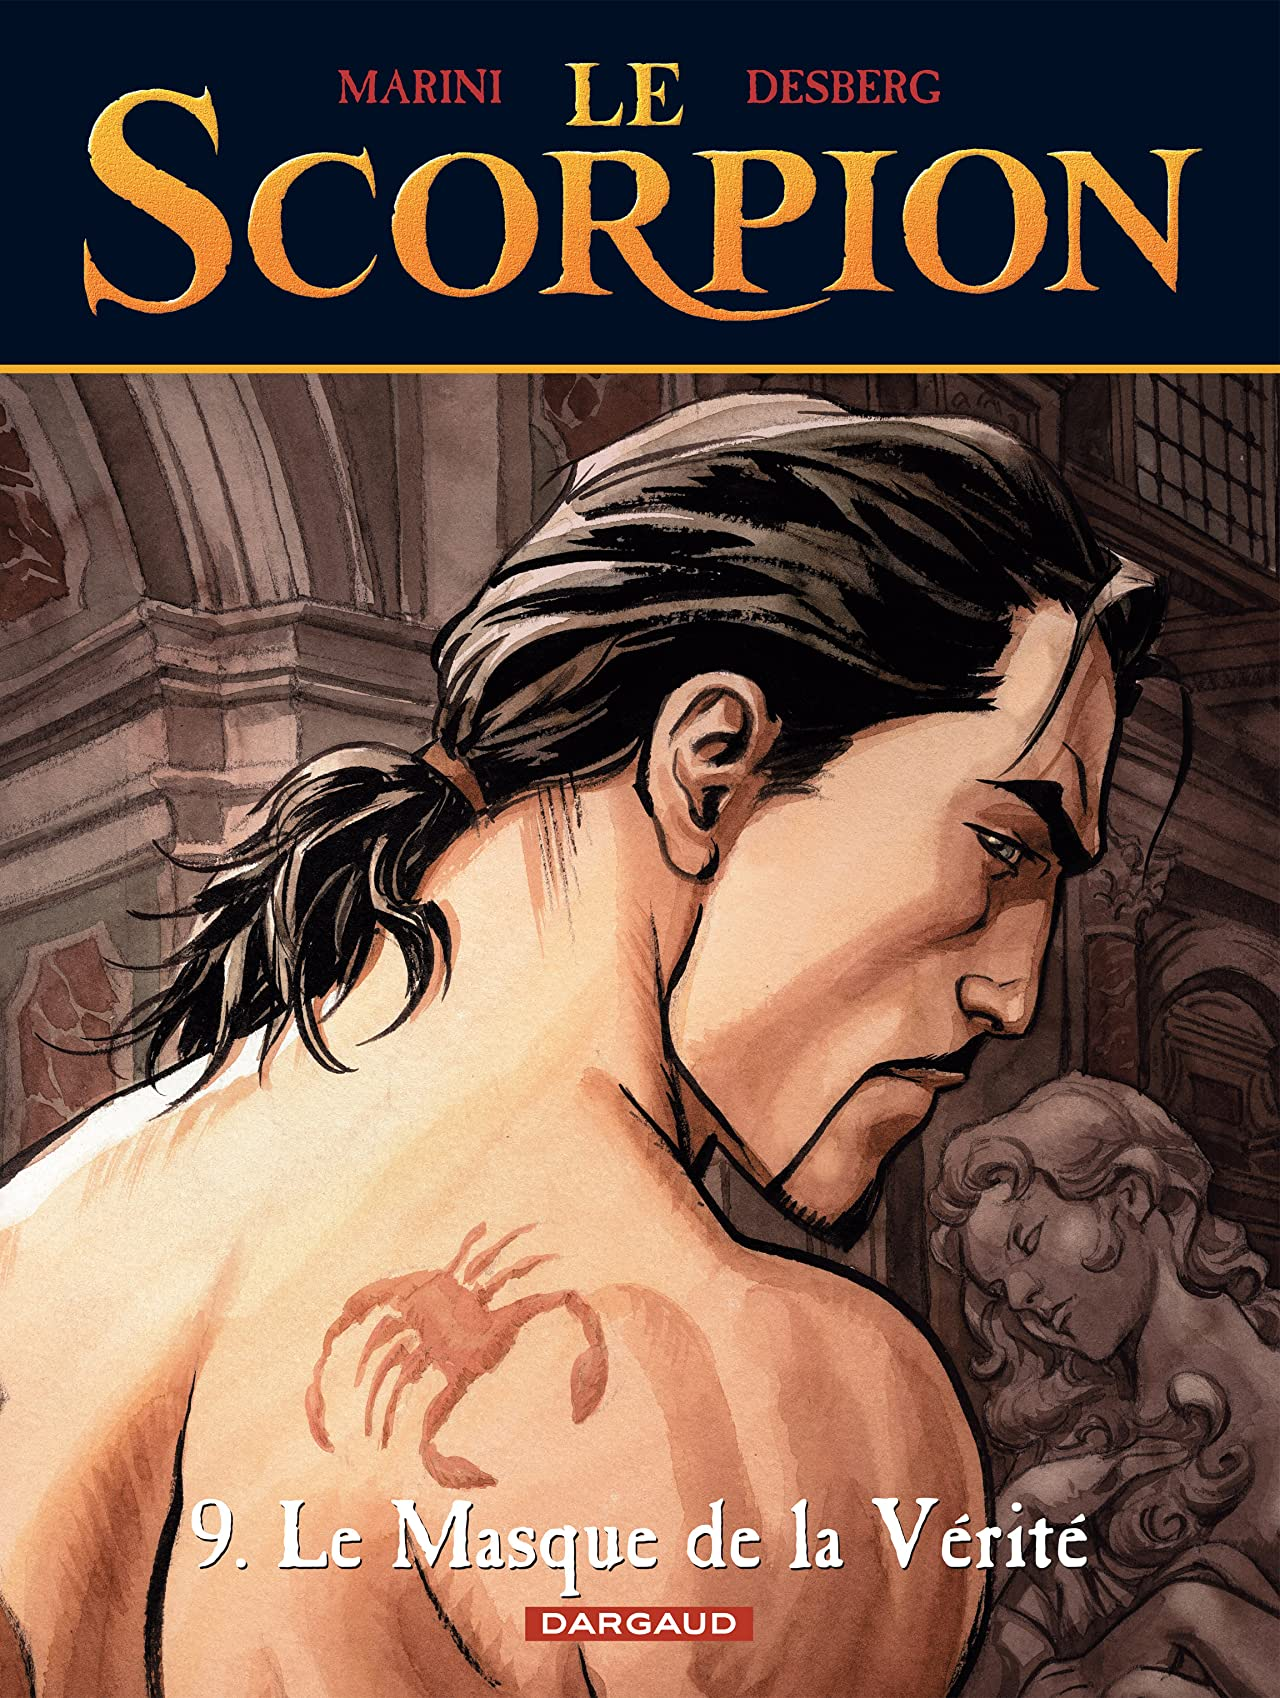 Le Scorpion Vol. 9: Le Masque de la vérité